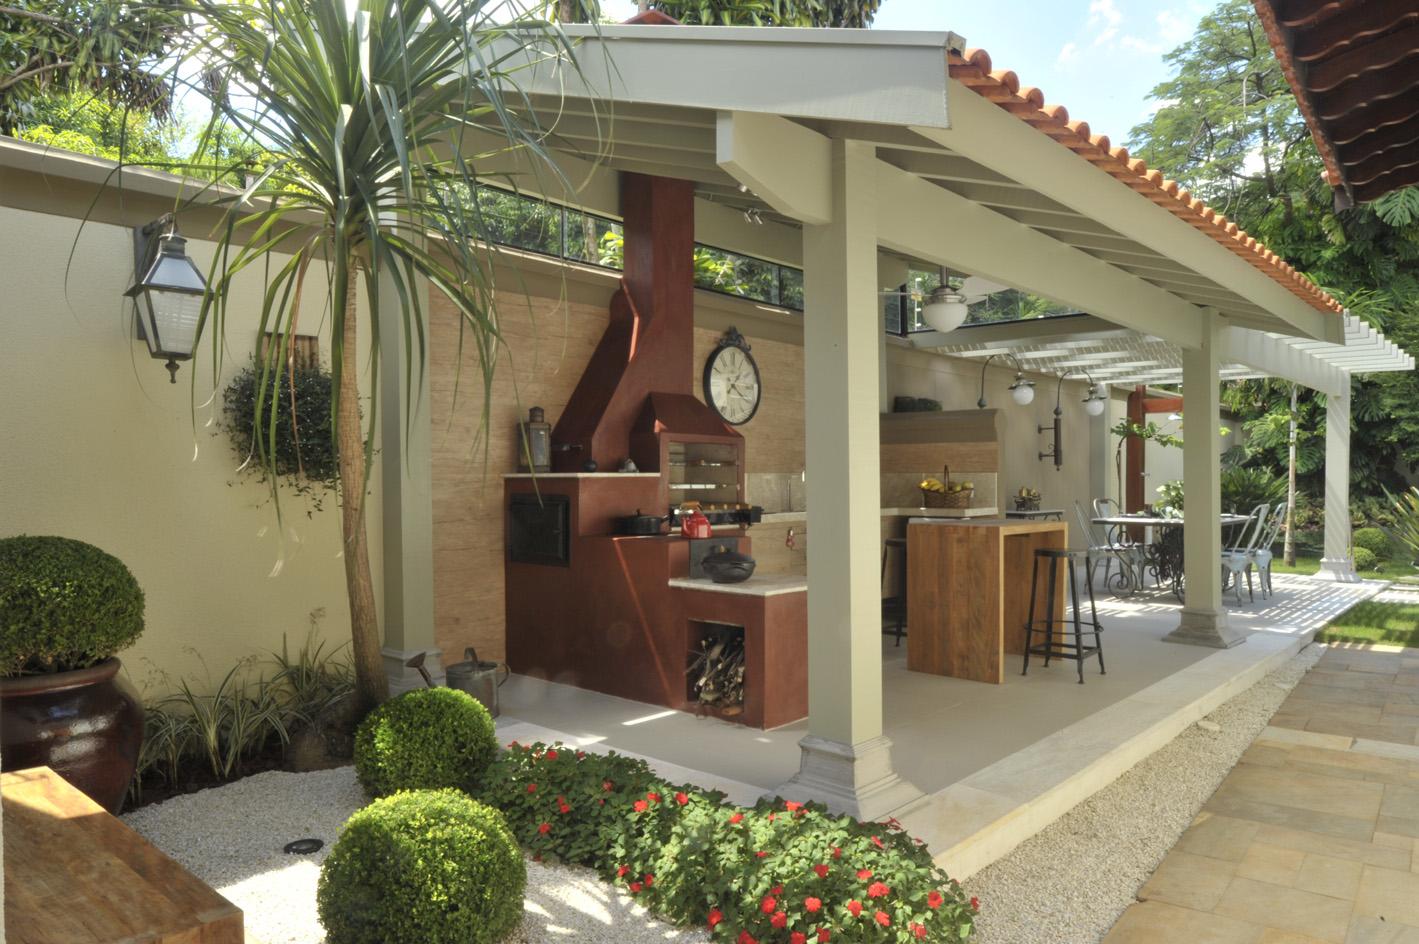 #654833 Blog da Ayda: Uma boa ideia de cozinha gourmet 1419x944 px Projetos De Cozinhas Gourmets_5733 Imagens